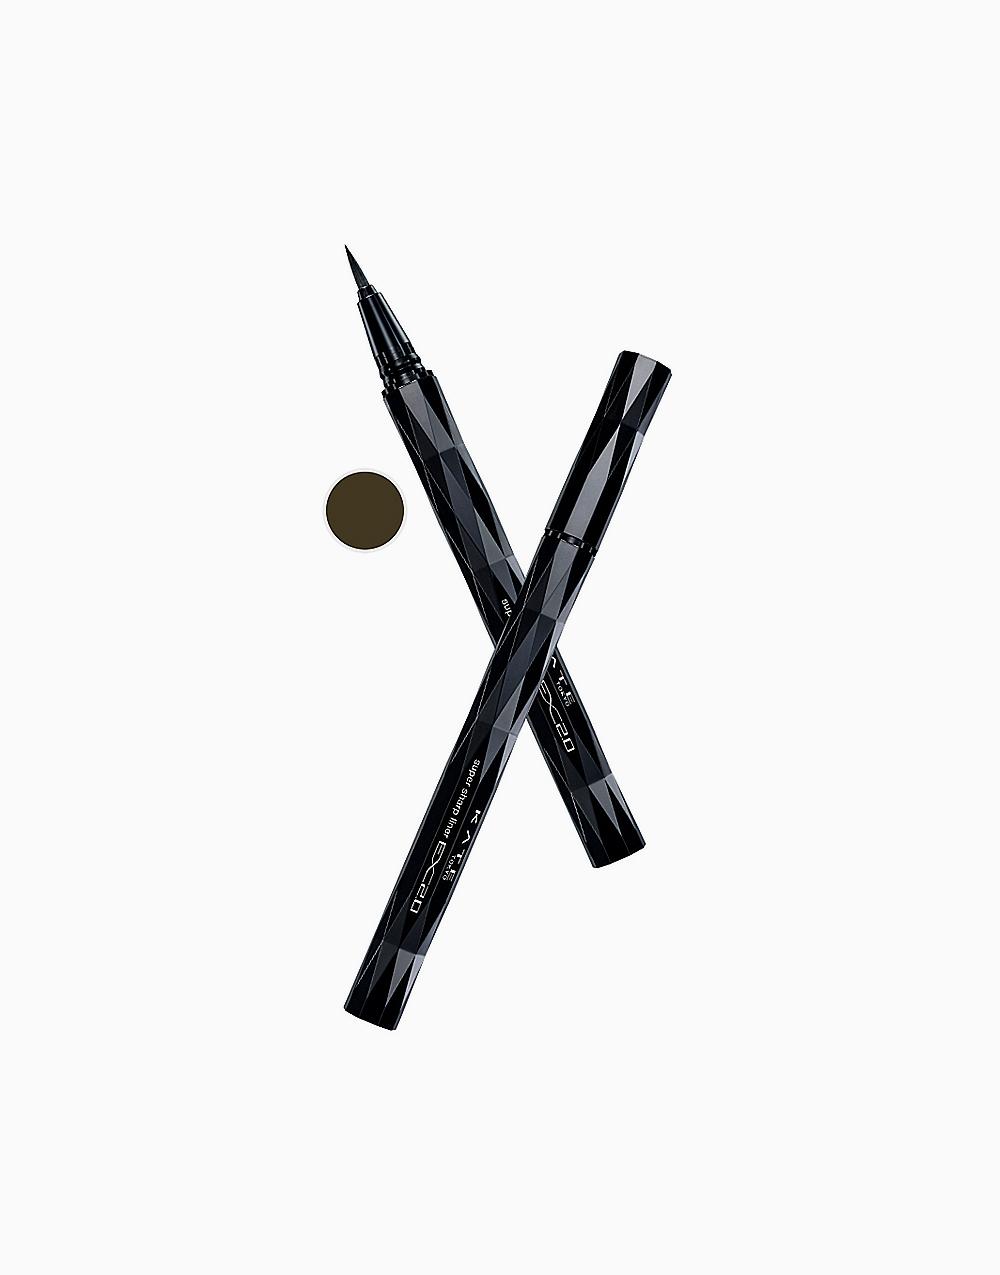 Supersharp Liner EX 2.0 by Kate Tokyo   BR1